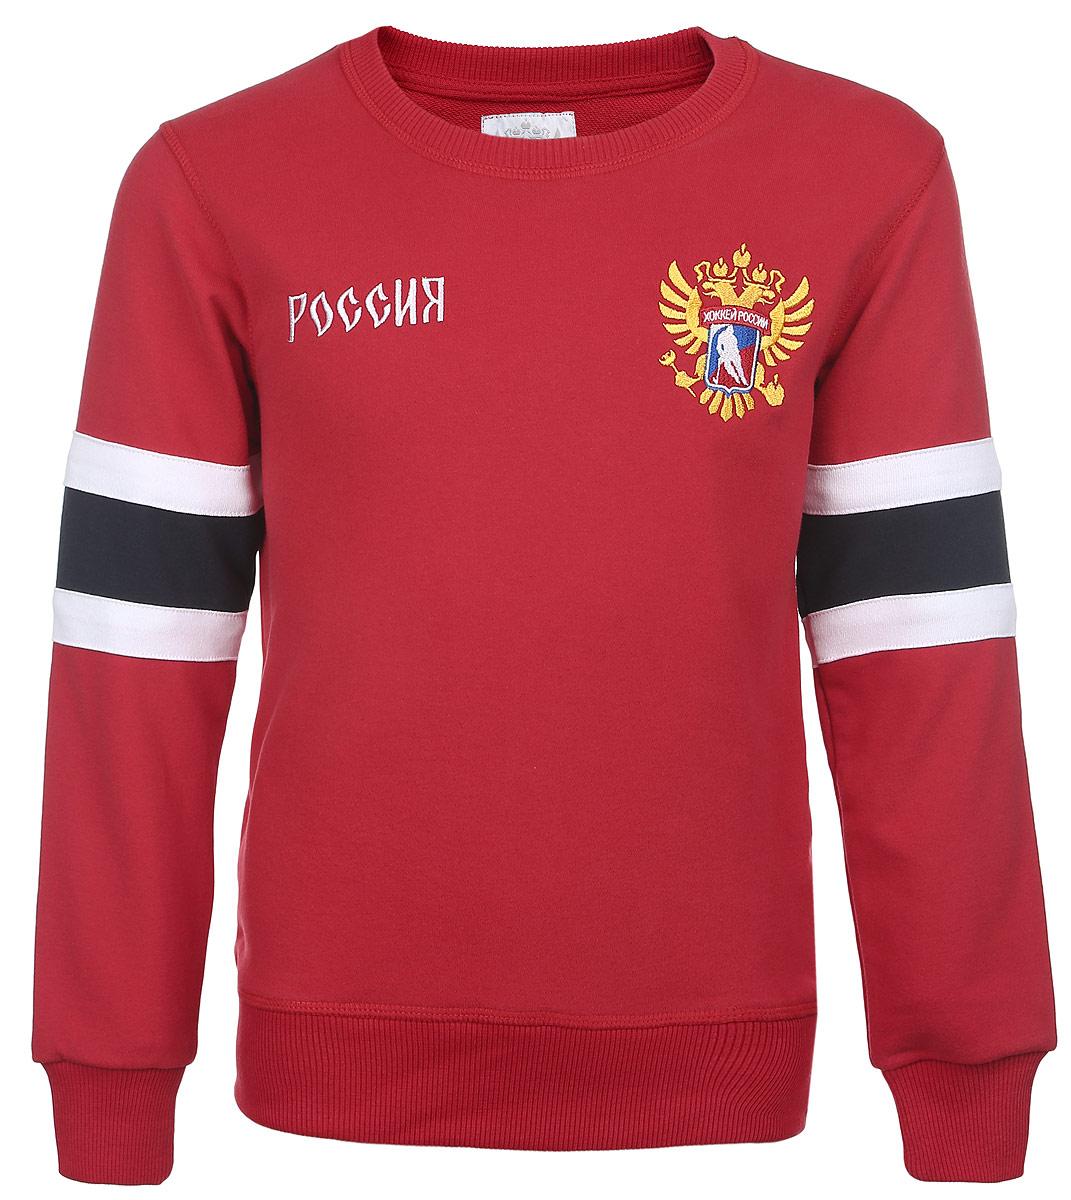 Свитшот детский Красная Машина Россия, цвет: красный, белый, темно-синий. 65160056. Размер 164 - Национальная Атрибутика